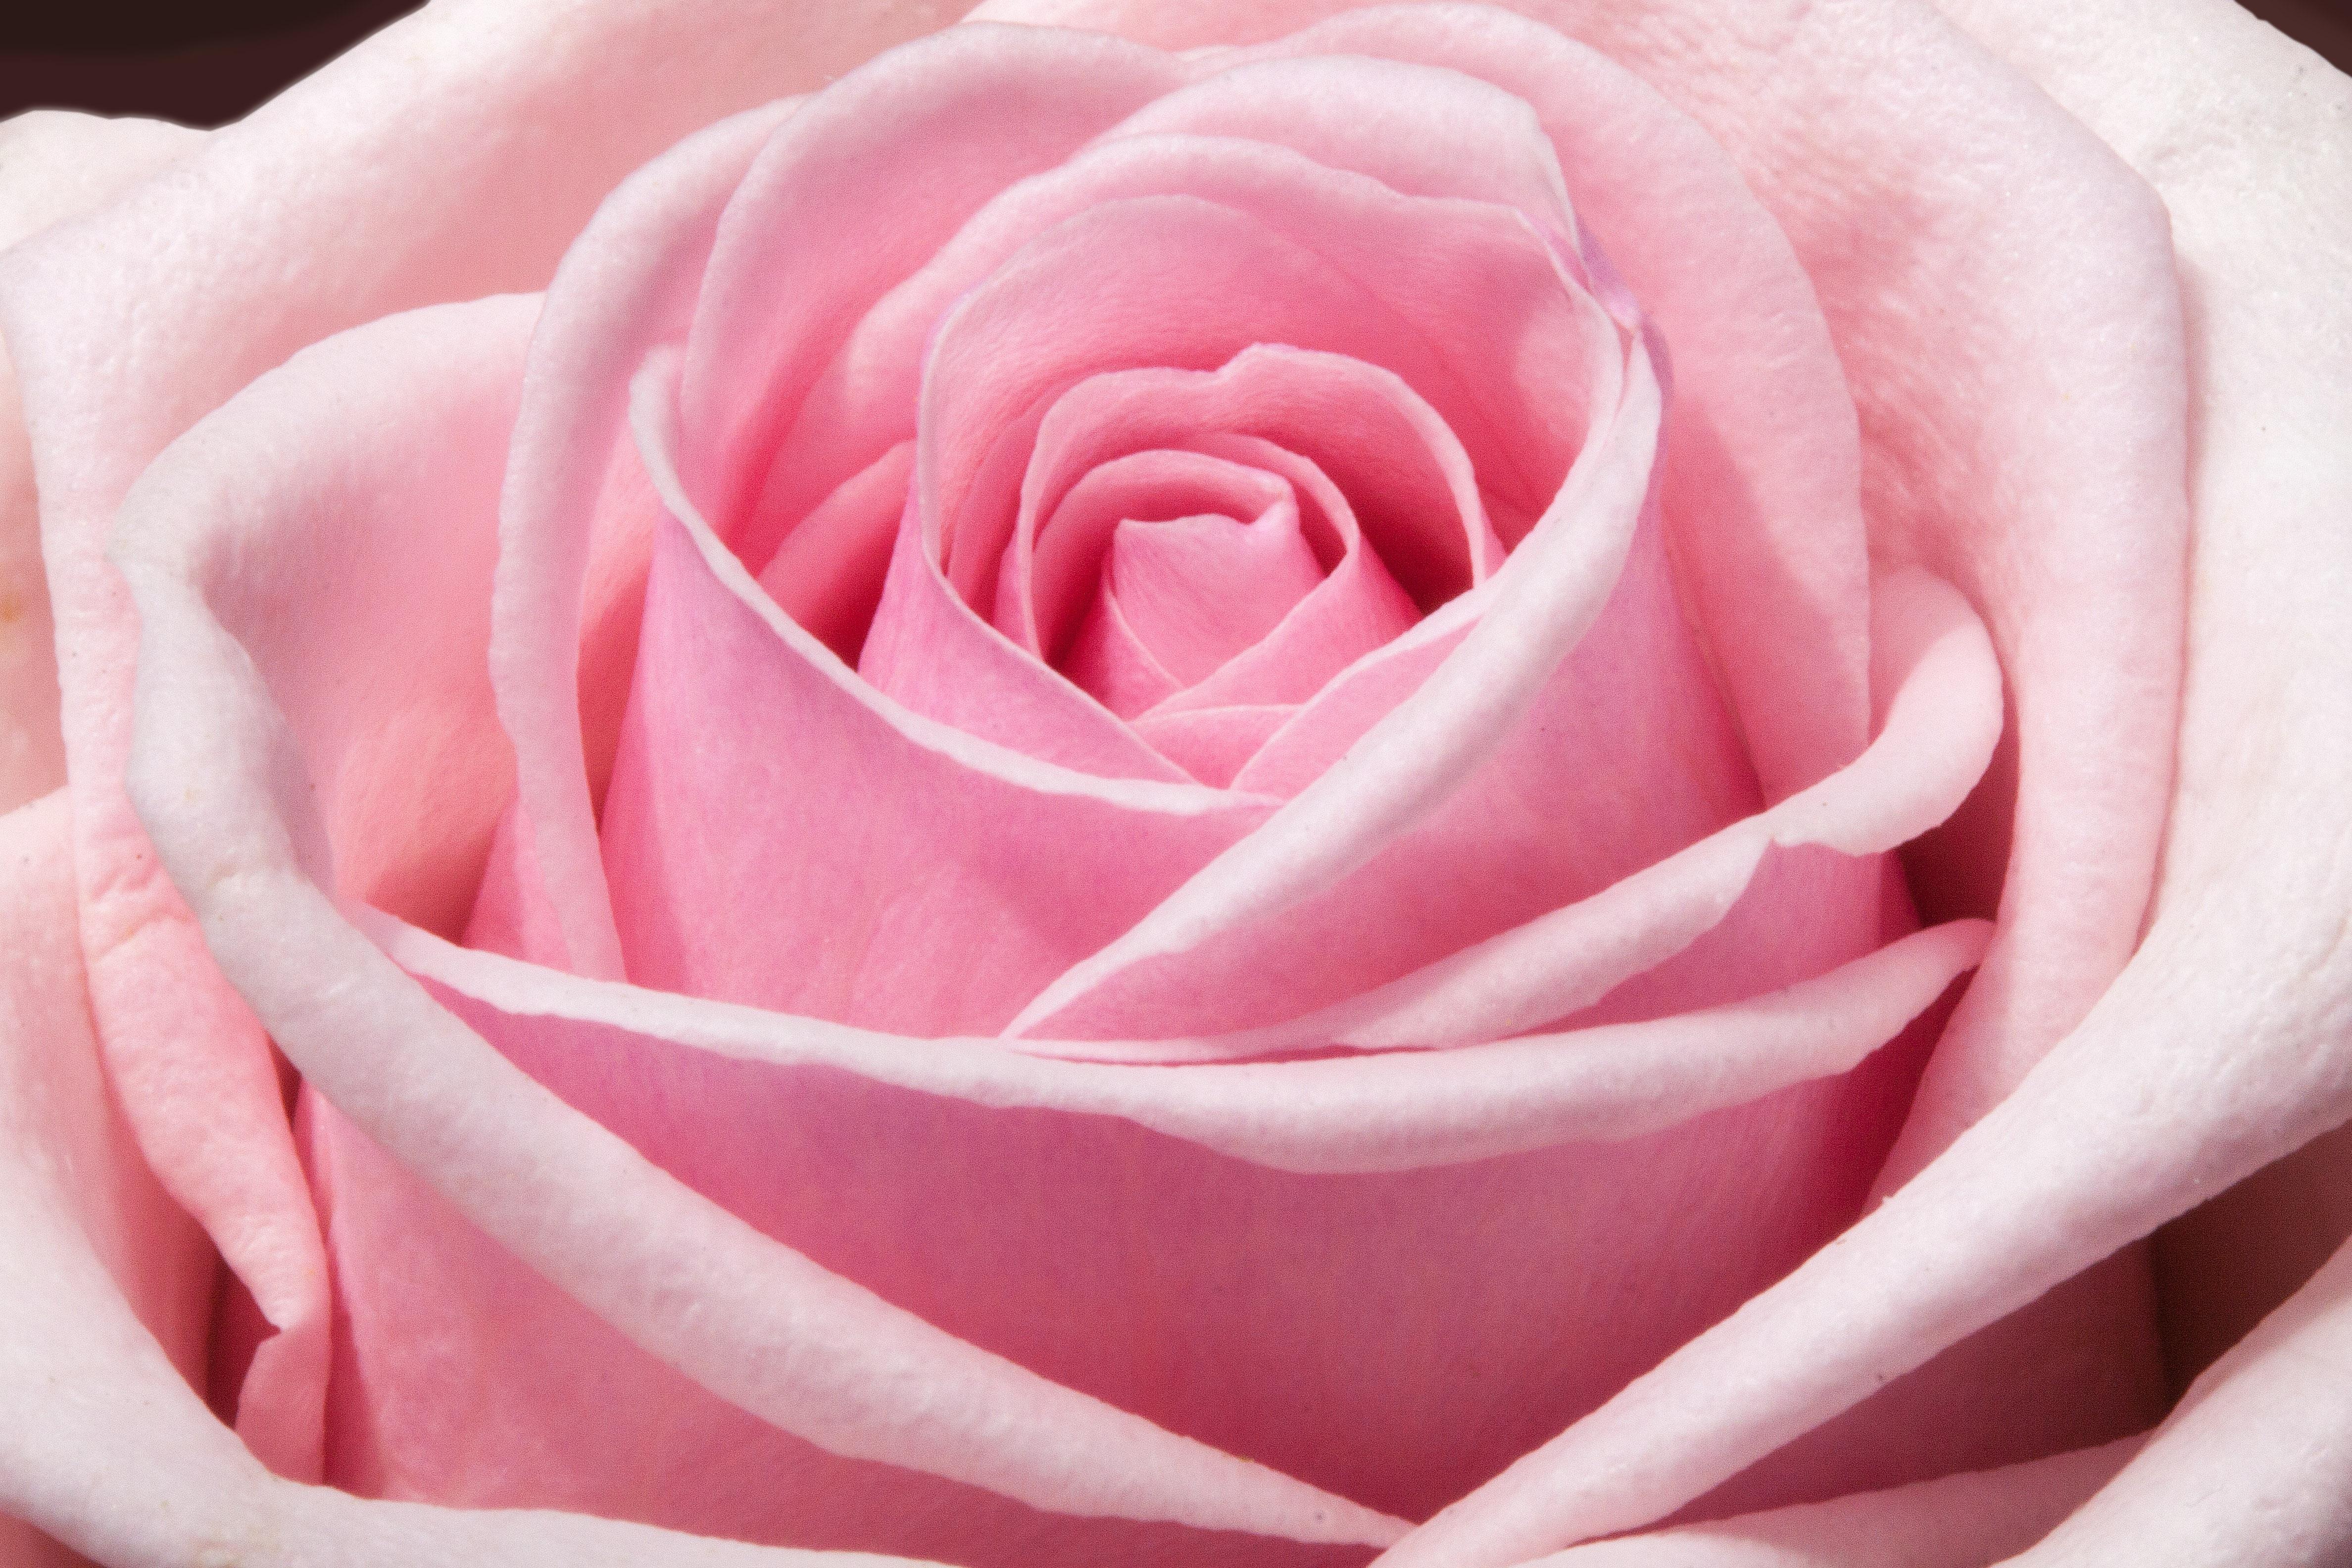 Free Images Blossom Flower Petal Bloom Summer Floral Love